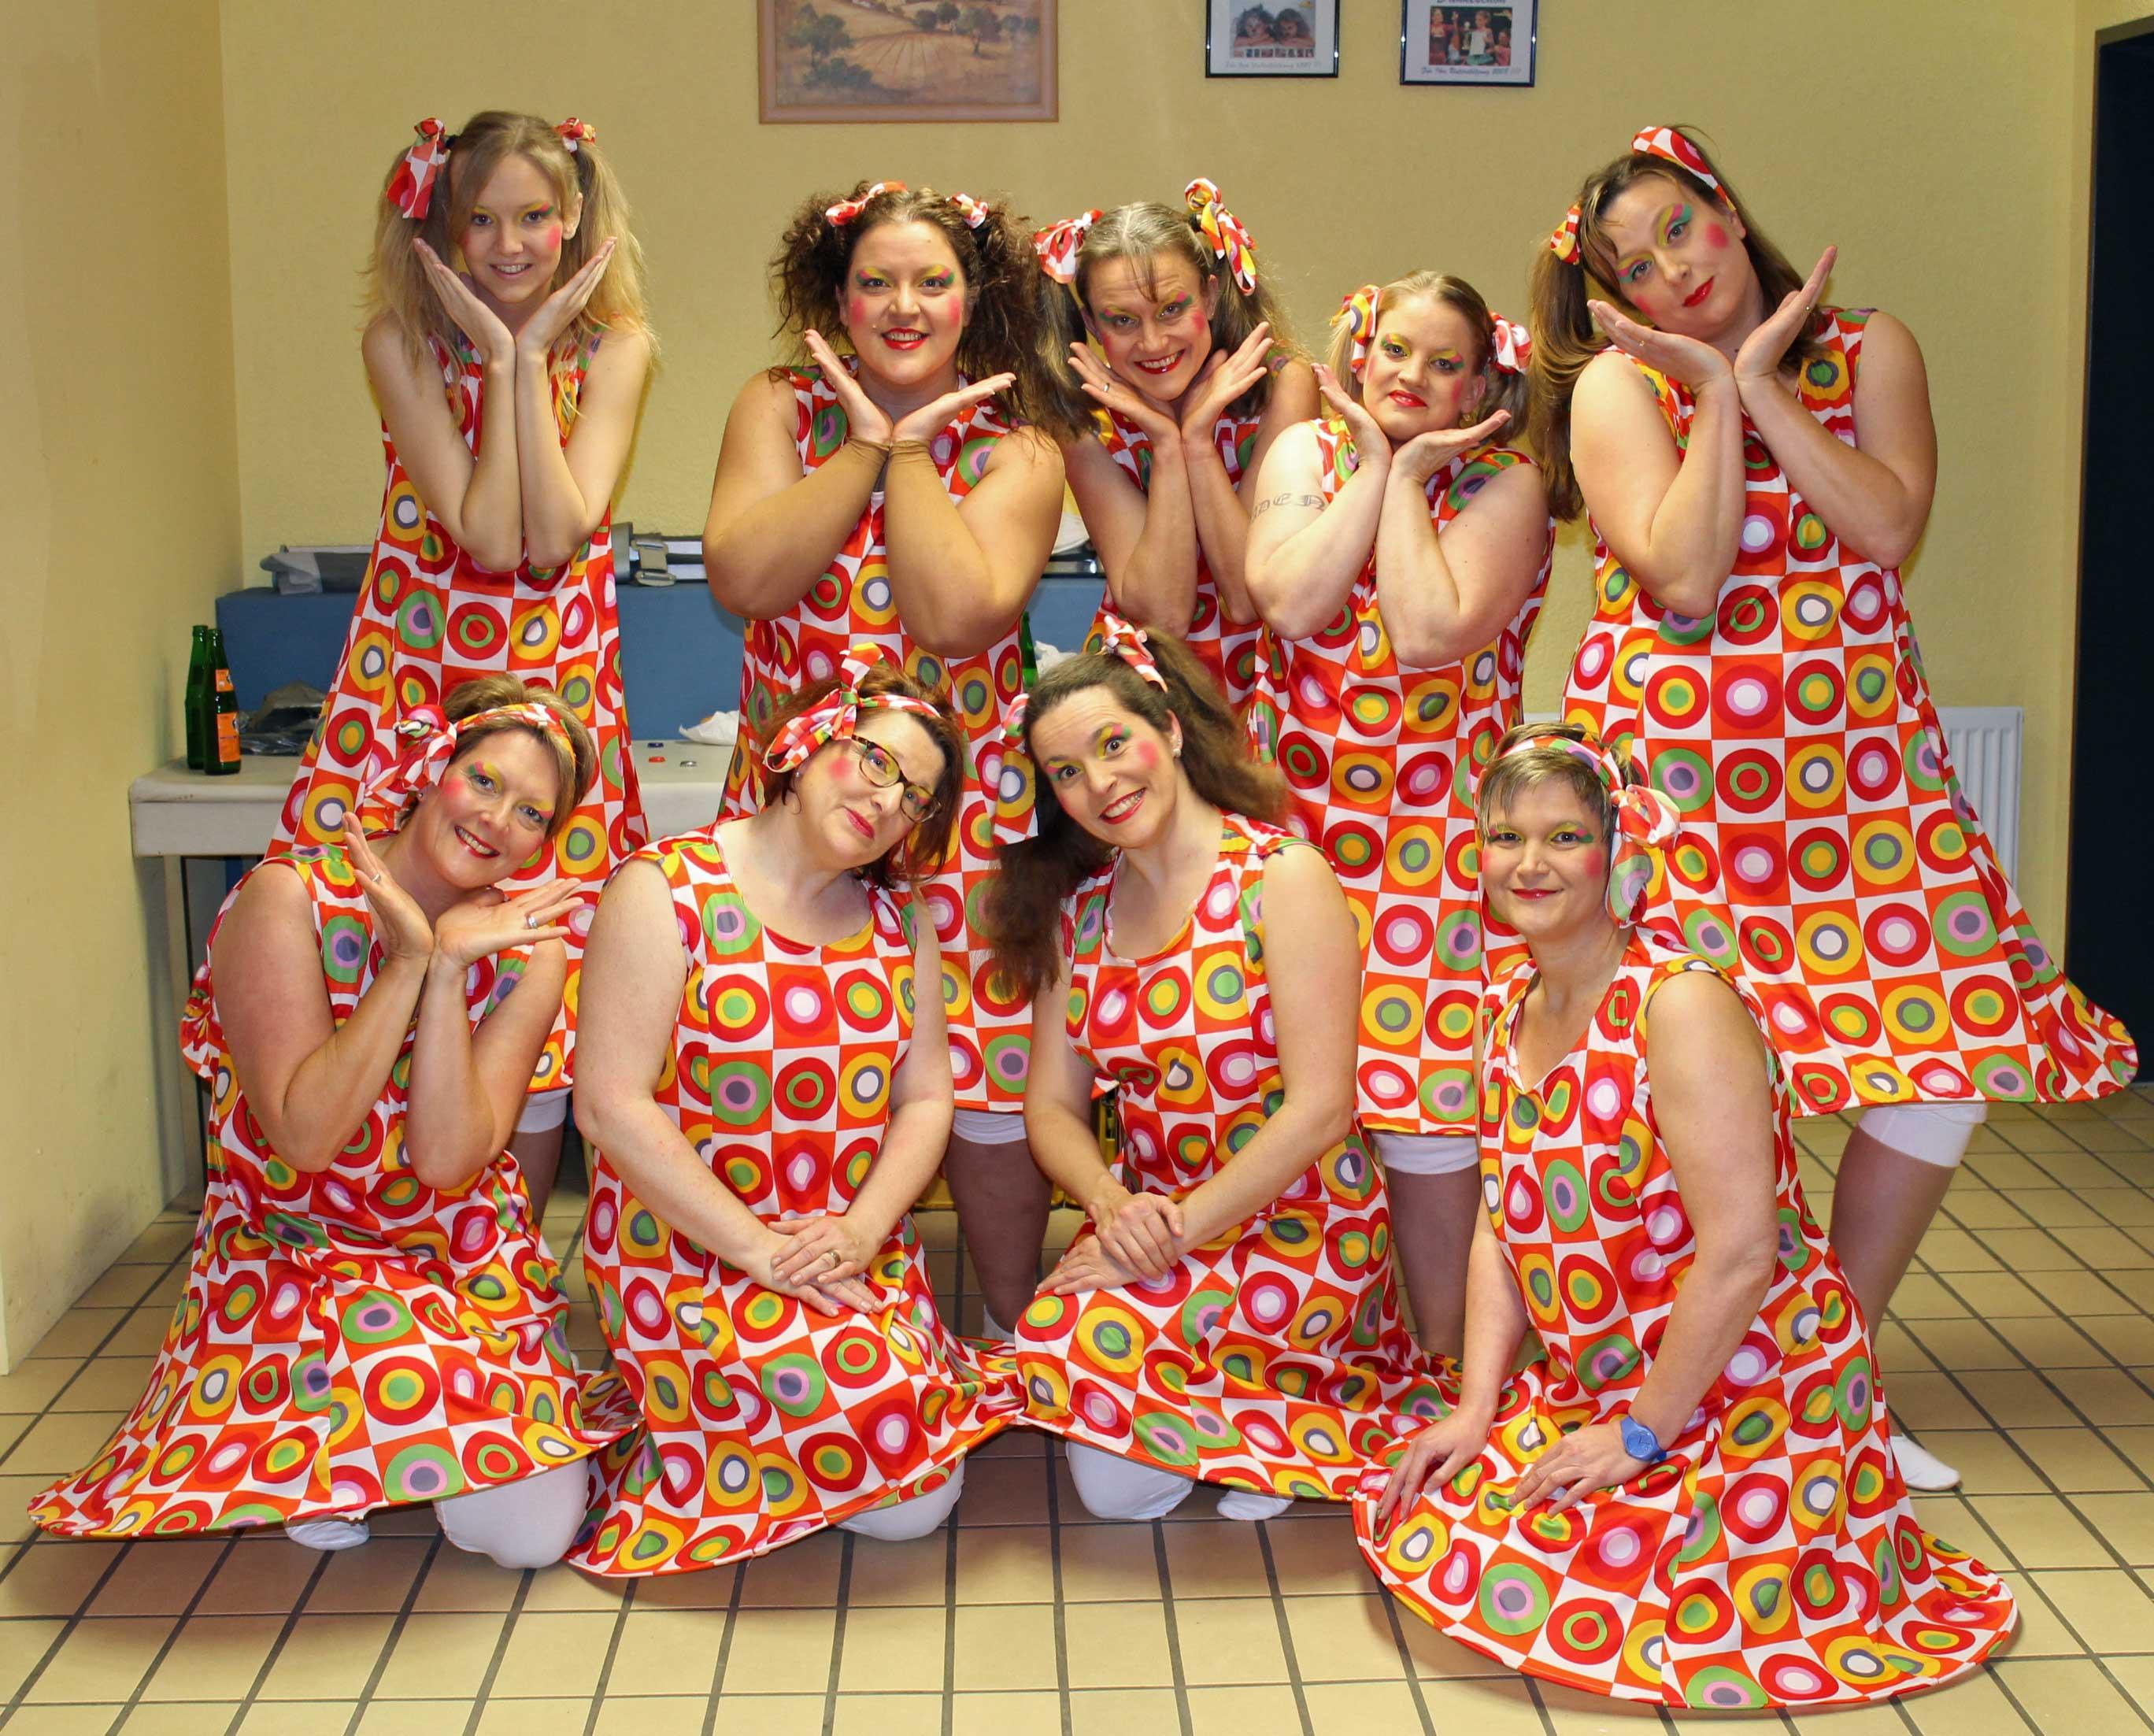 Gruppenbild-Candy2